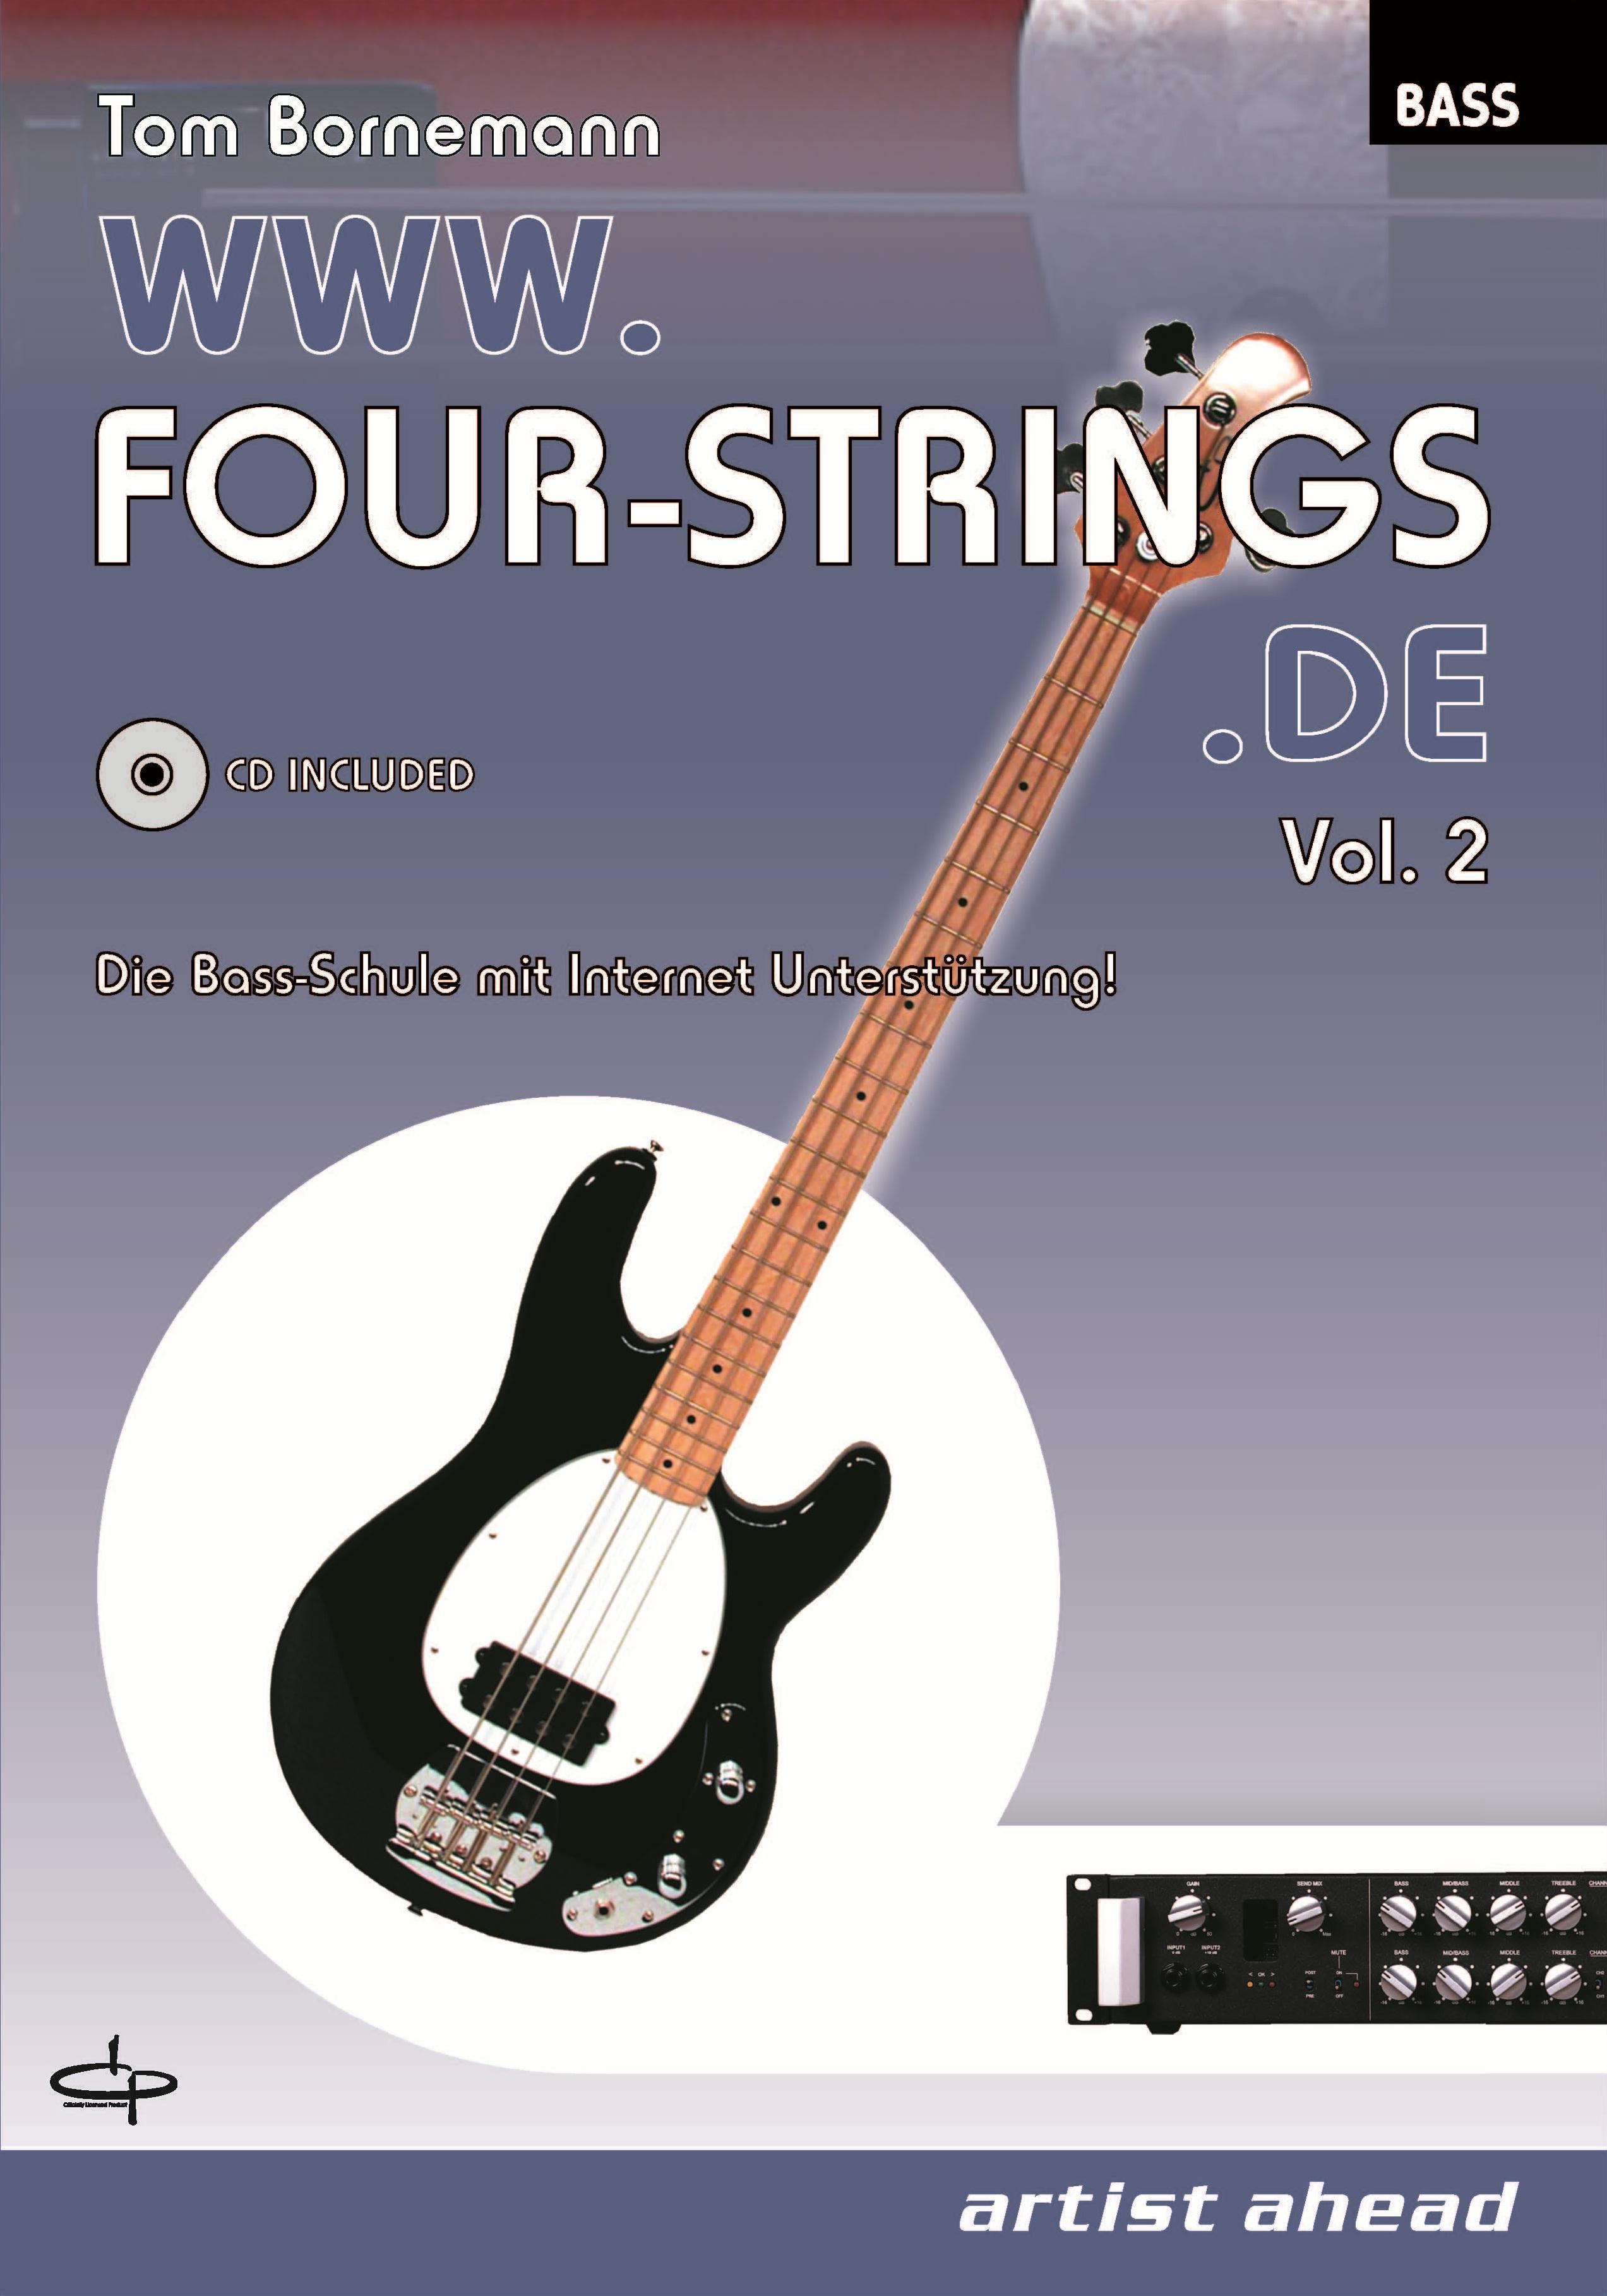 WWW.FOUR-STRINGS.DE, Vol. 2: Die Bass-Schule mit Internet-Unterstützung - Tom Bornemann